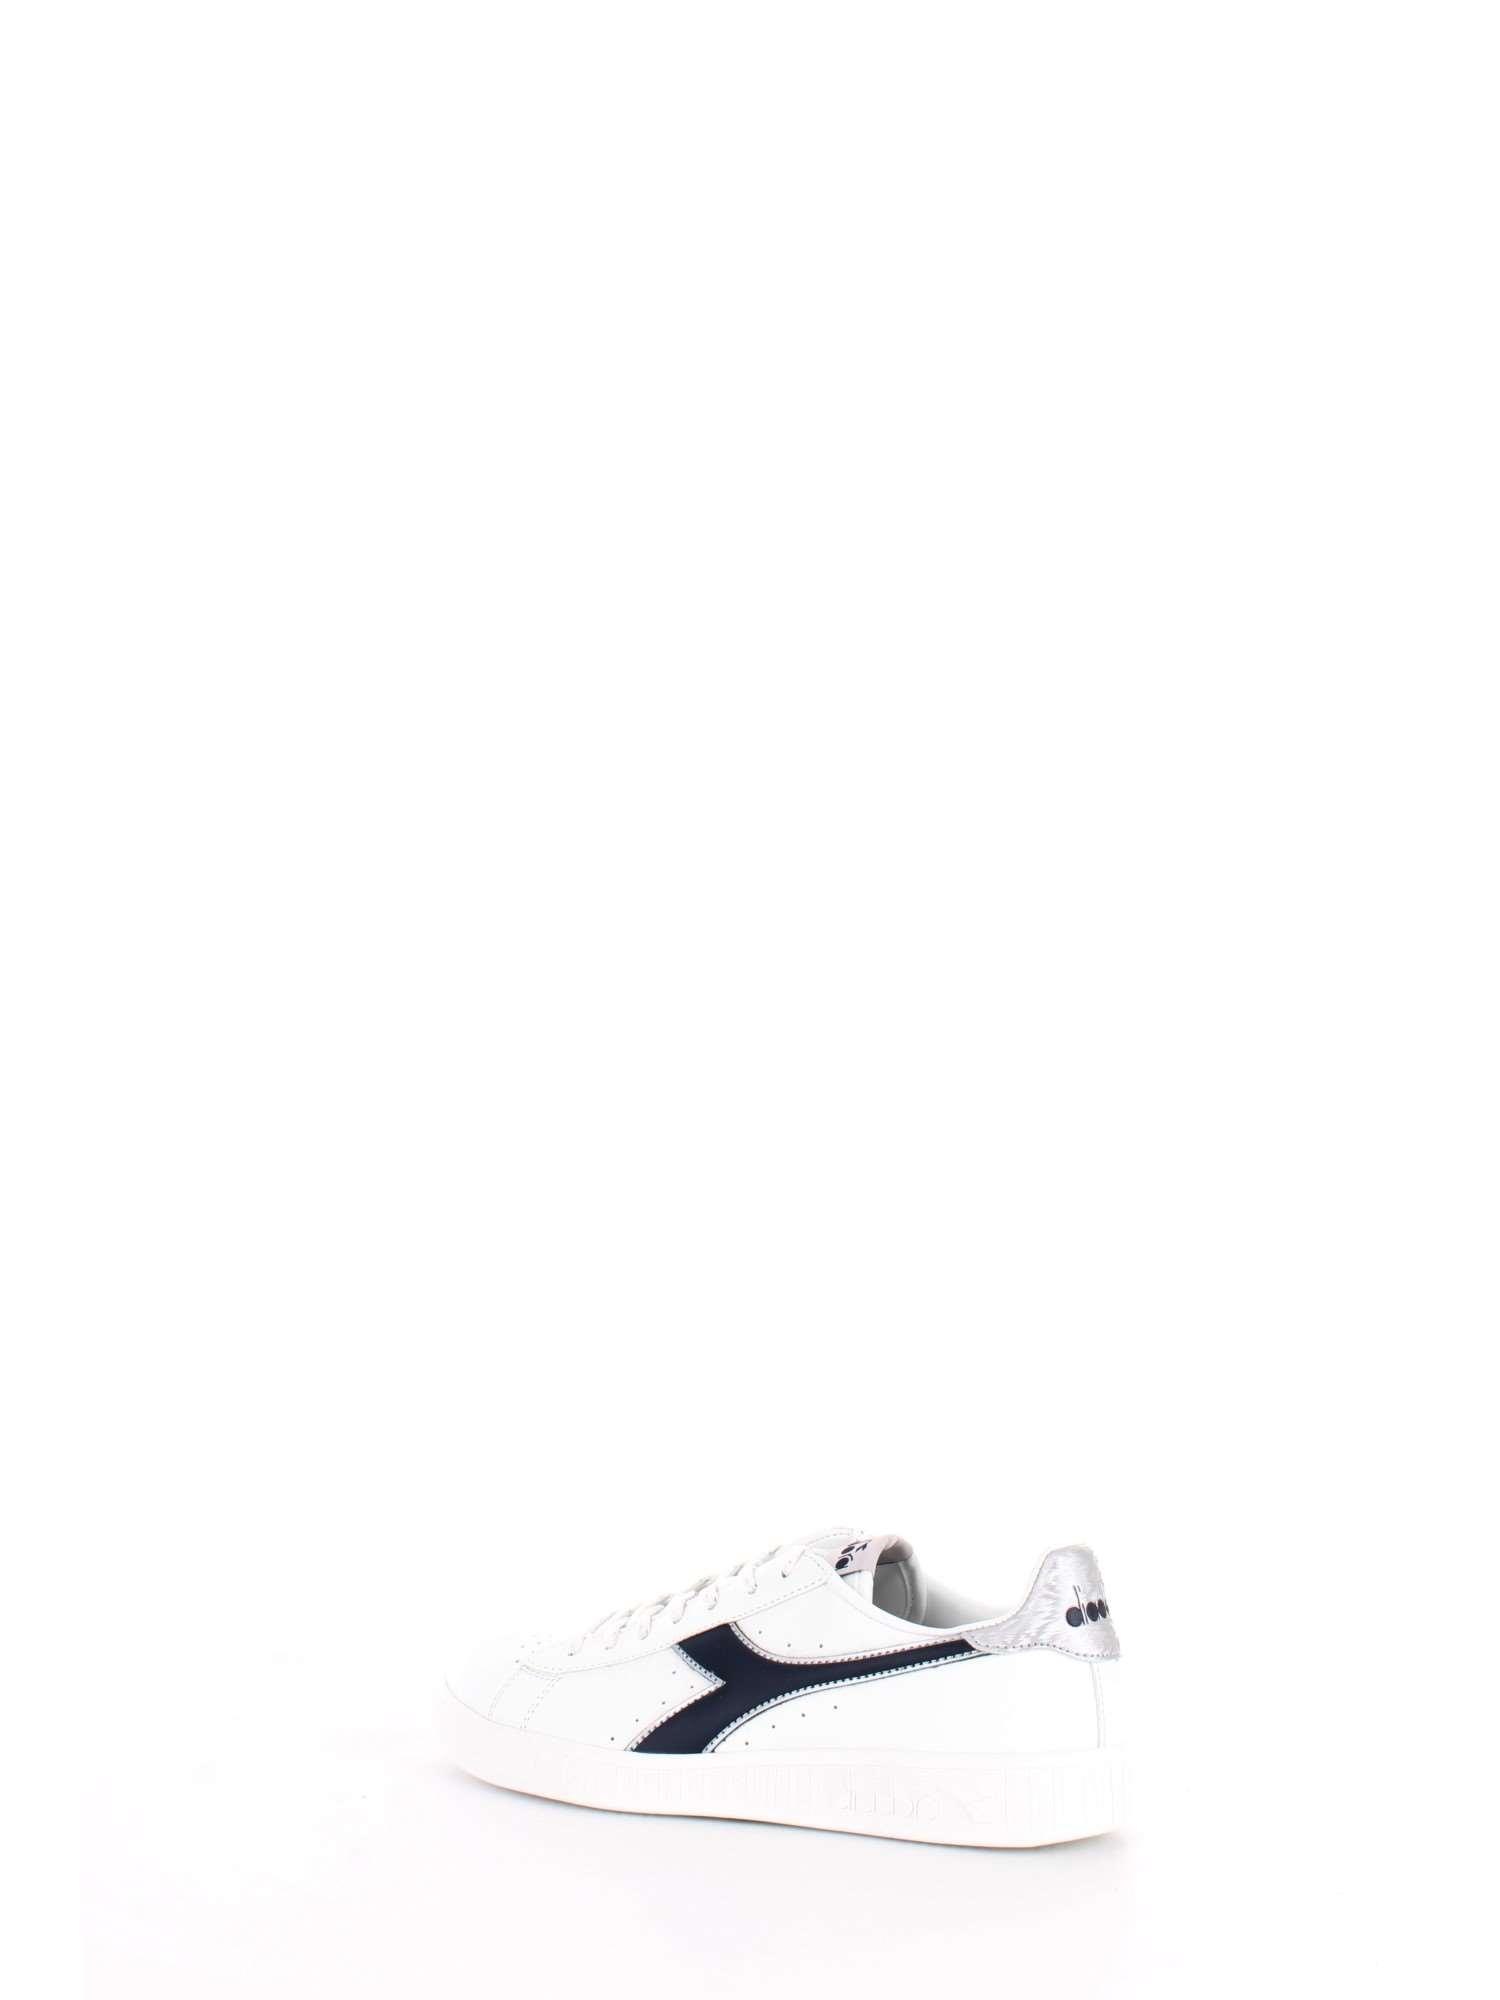 Azul Zapatillas Diadora 173097 Blanco Verano Primavera Mujer c4656 qTTEIn4